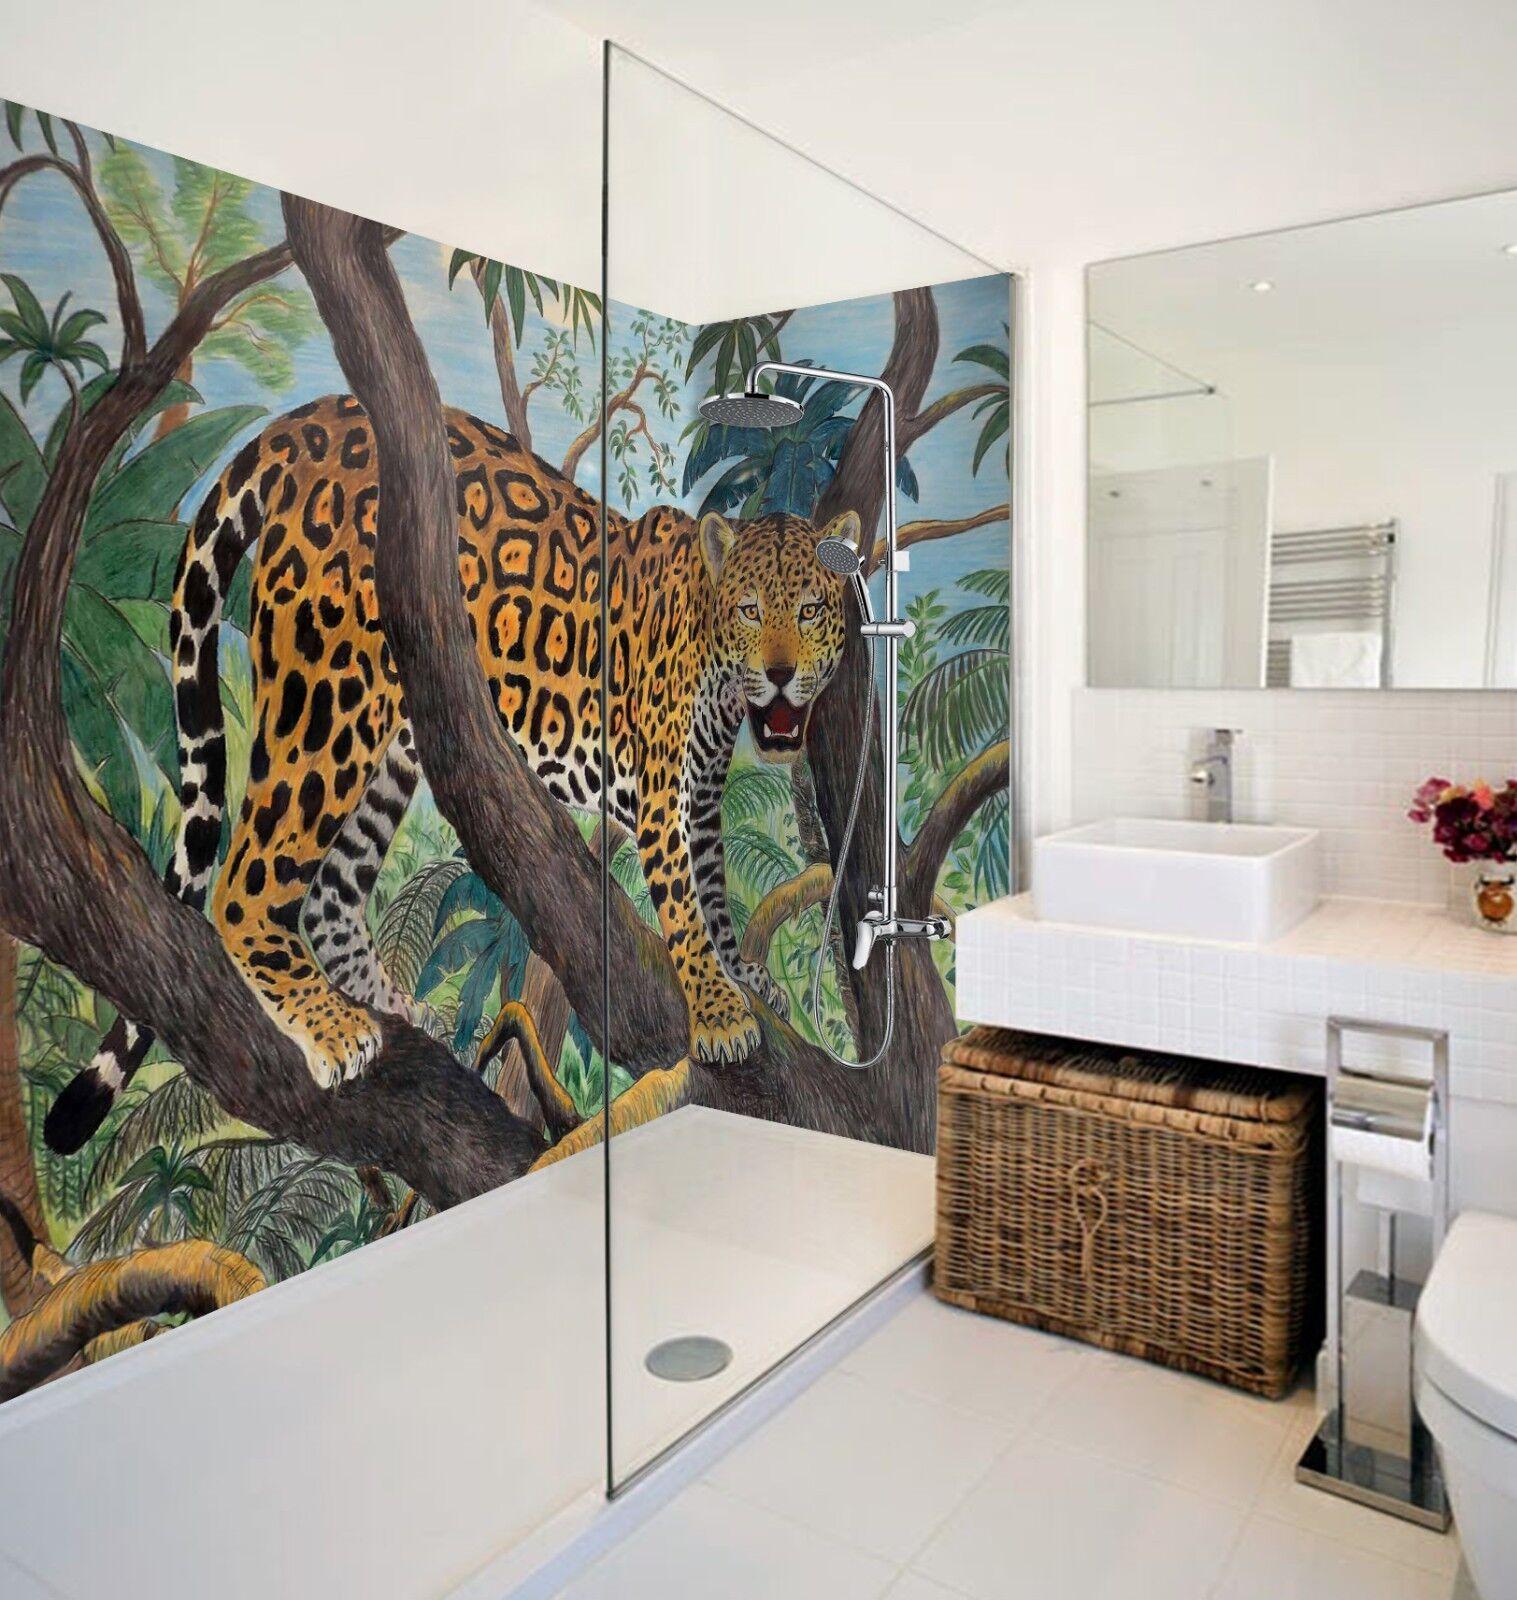 3D Leopard Branches 688 WallPaper Bathroom Print Decal Wall Deco AJ WALLPAPER AU